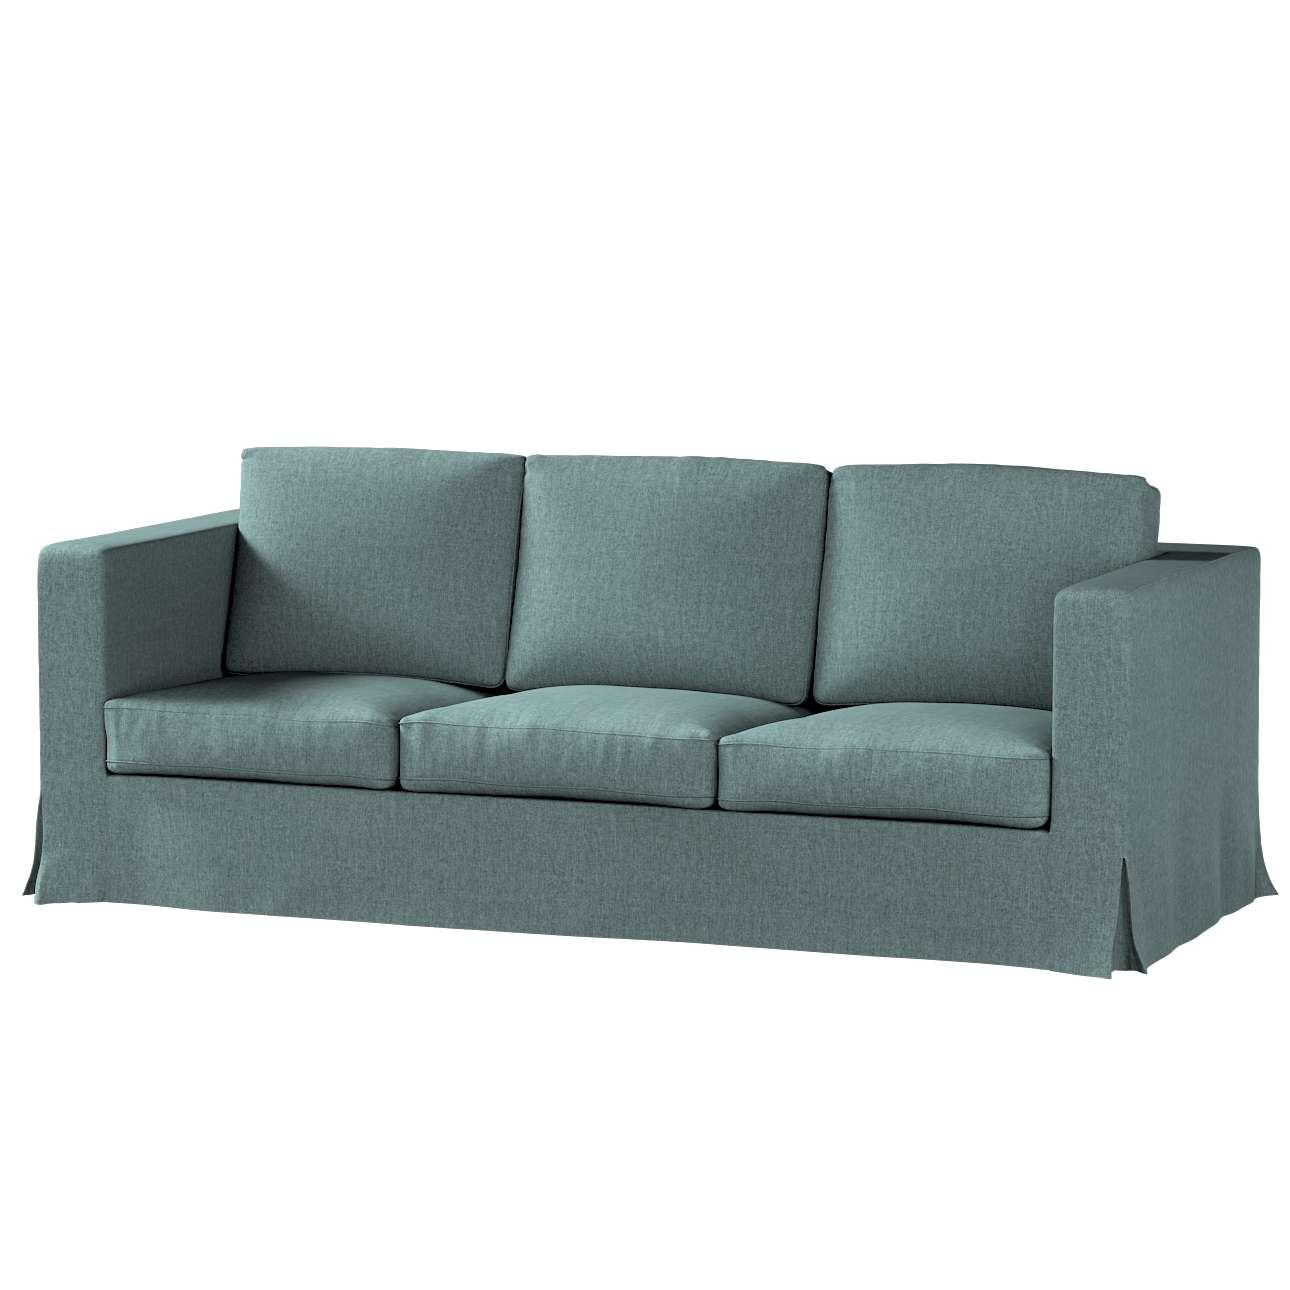 Pokrowiec na sofę Karlanda 3-osobową nierozkładaną, długi w kolekcji City, tkanina: 704-85